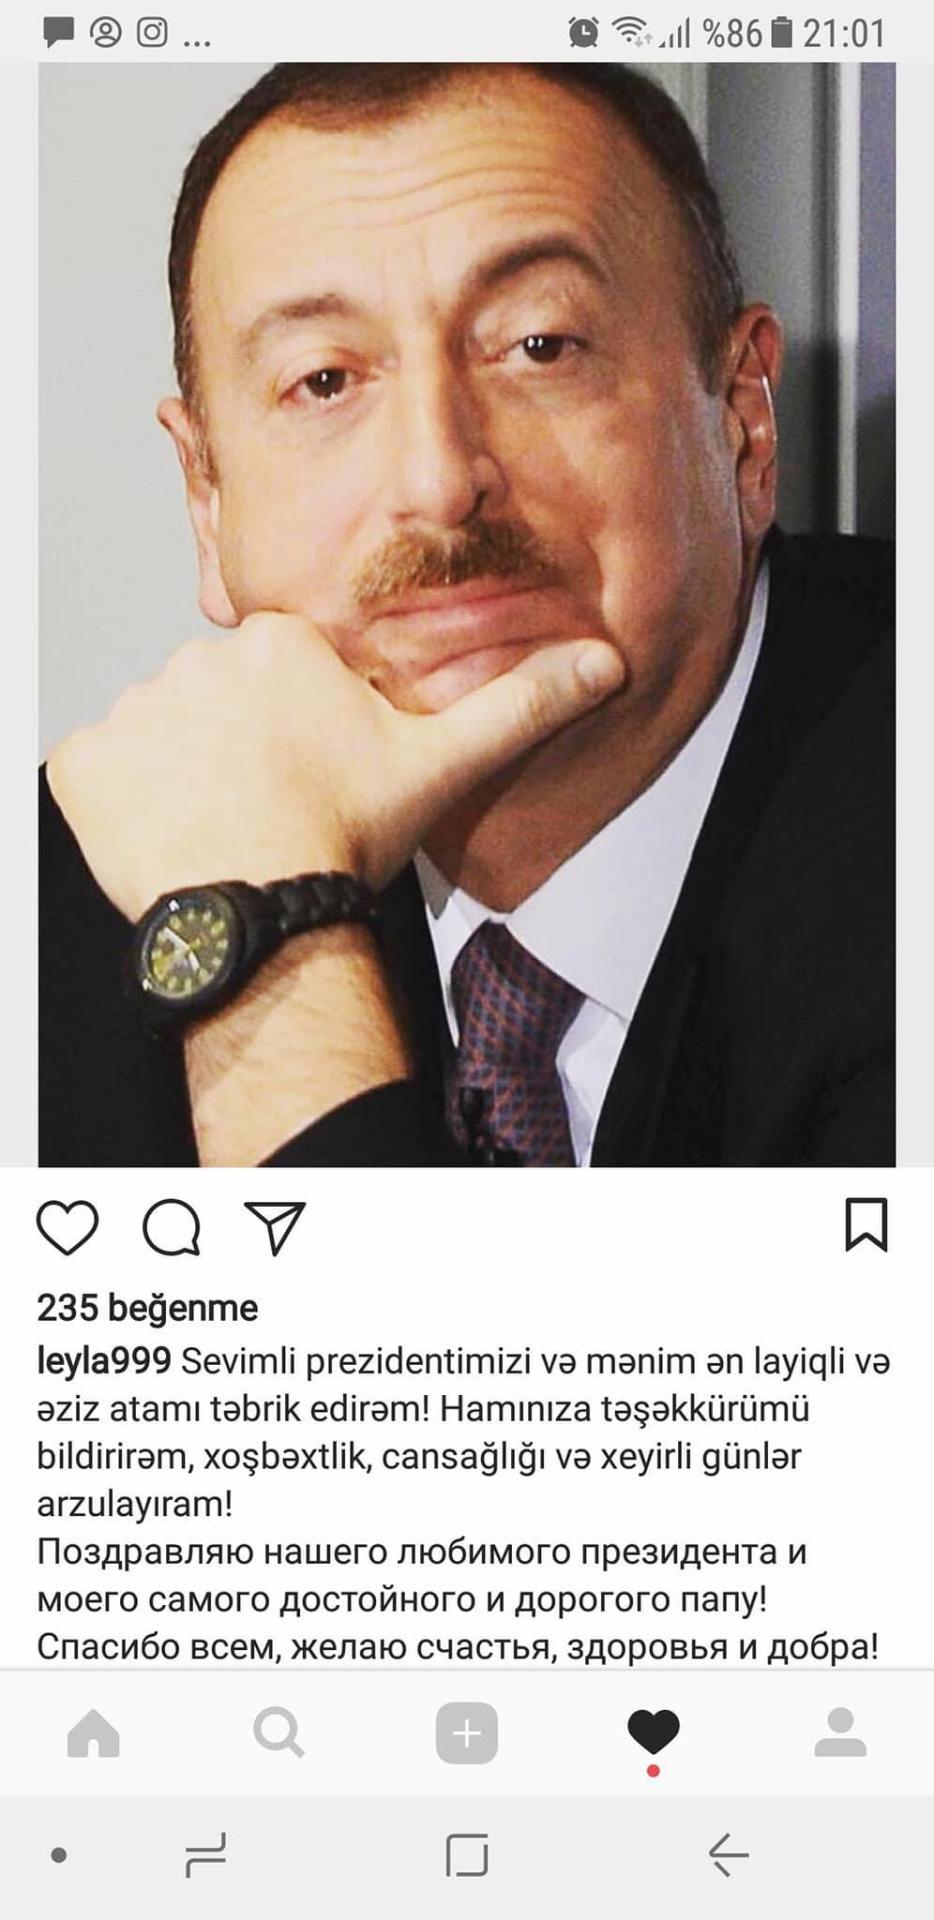 Leyla Əliyevadan xalqa təşəkkür: Əziz atamı... - Foto